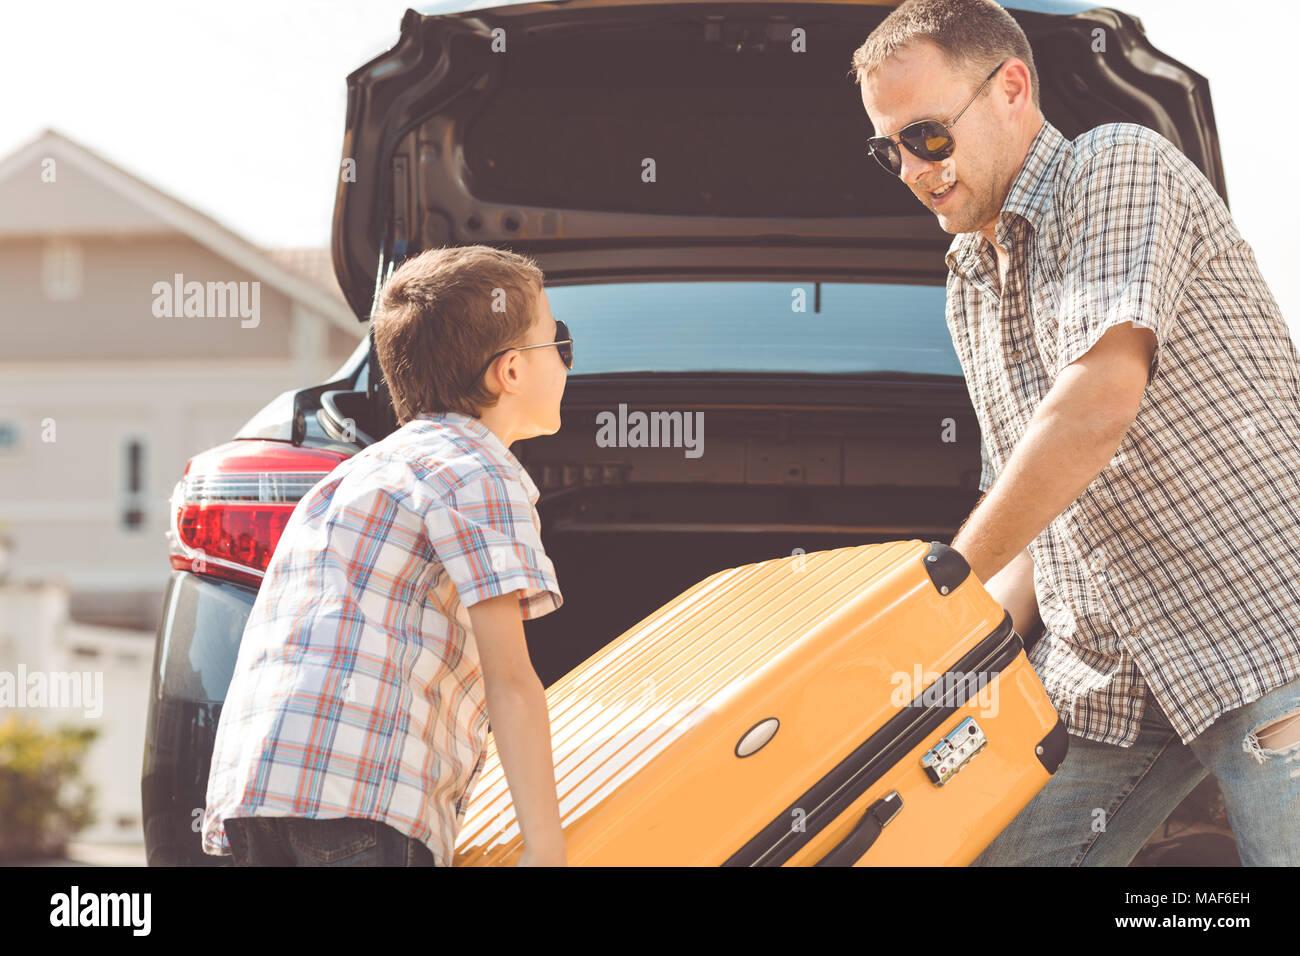 Felice padre e figlio di ottenere pronto per il viaggio su strada in una giornata di sole. Concetto di famiglia amichevole. Immagini Stock